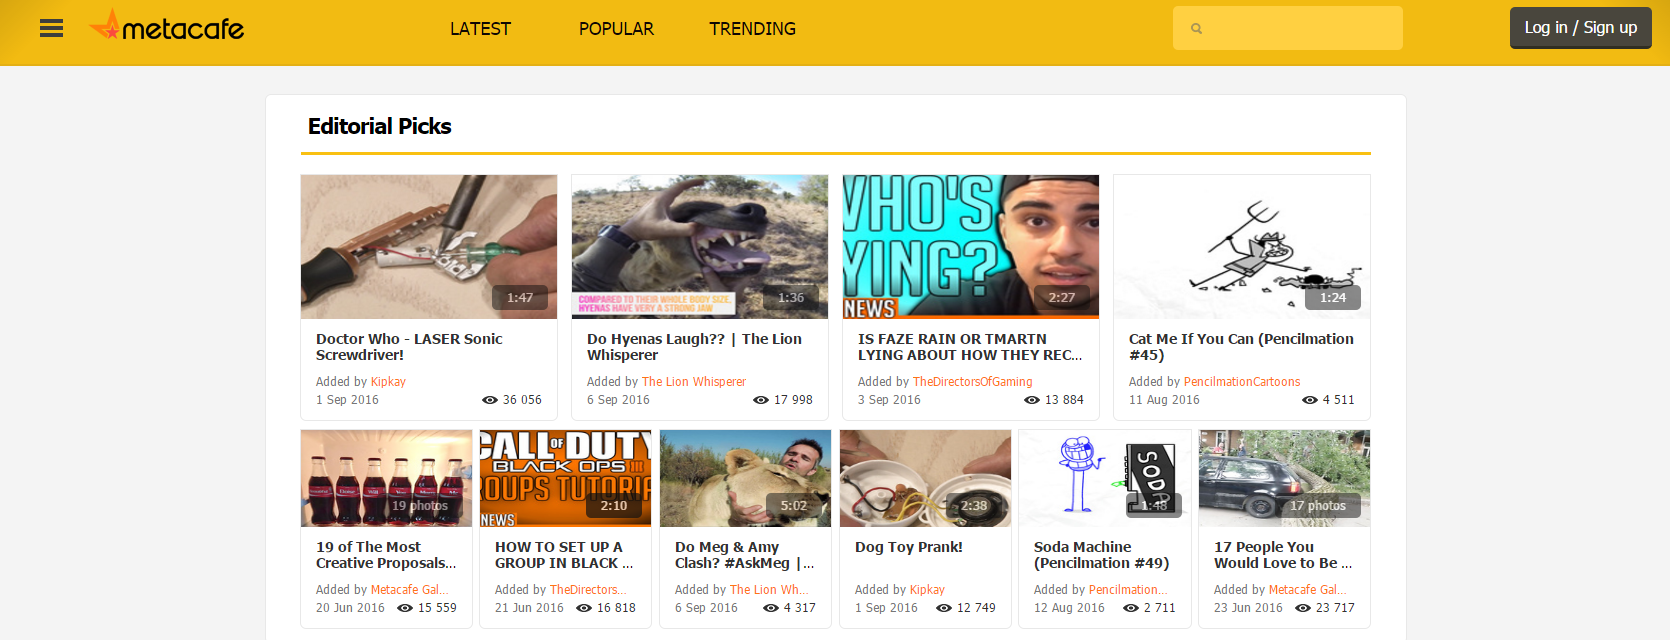 metacafe.com